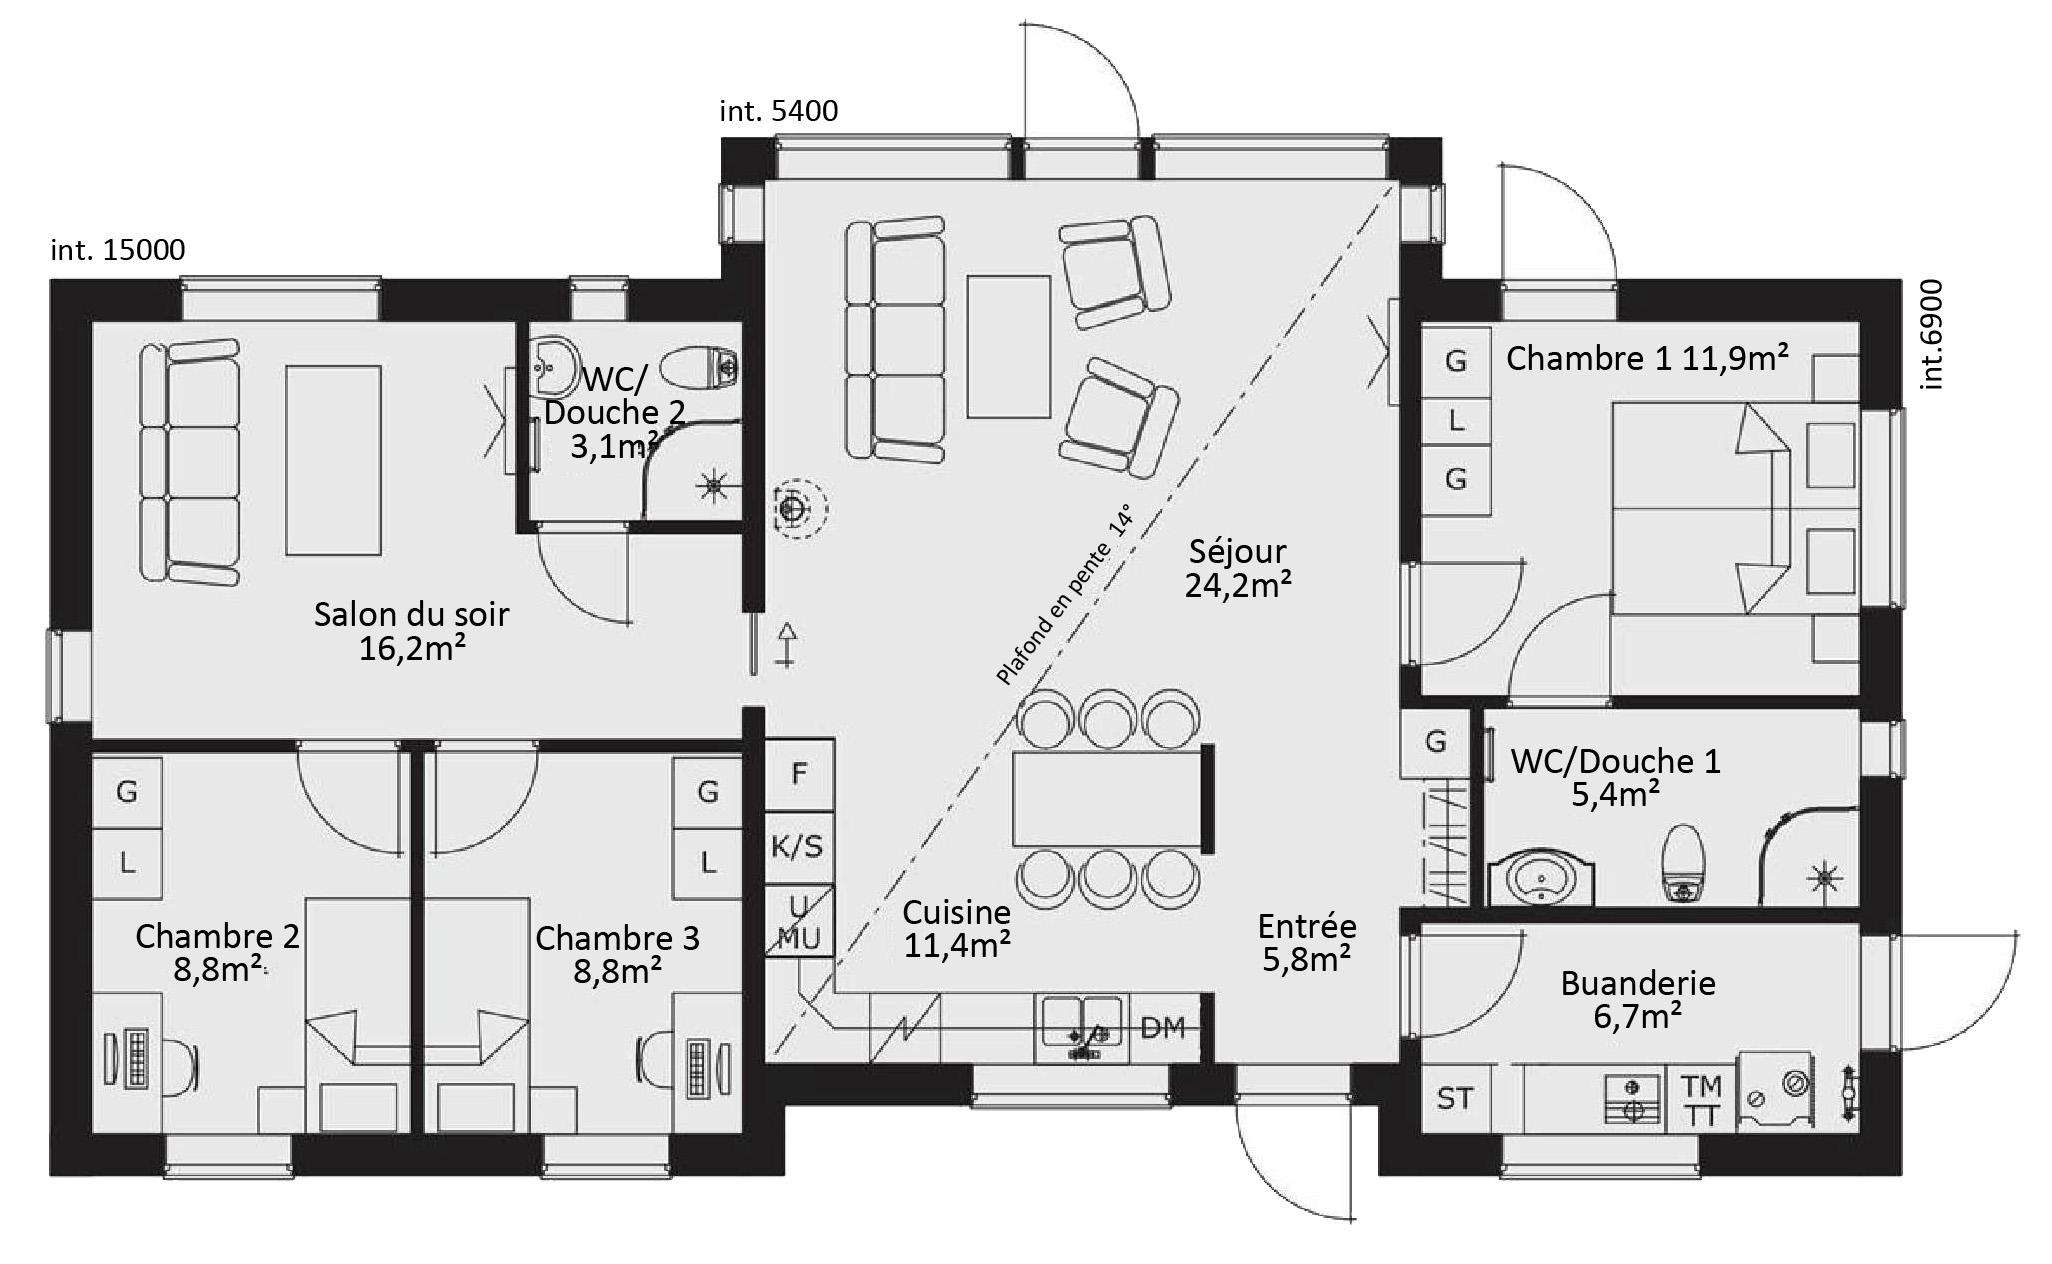 Maison en bois suedoise plan rdc maison ossature bois for Catalogue plan maison